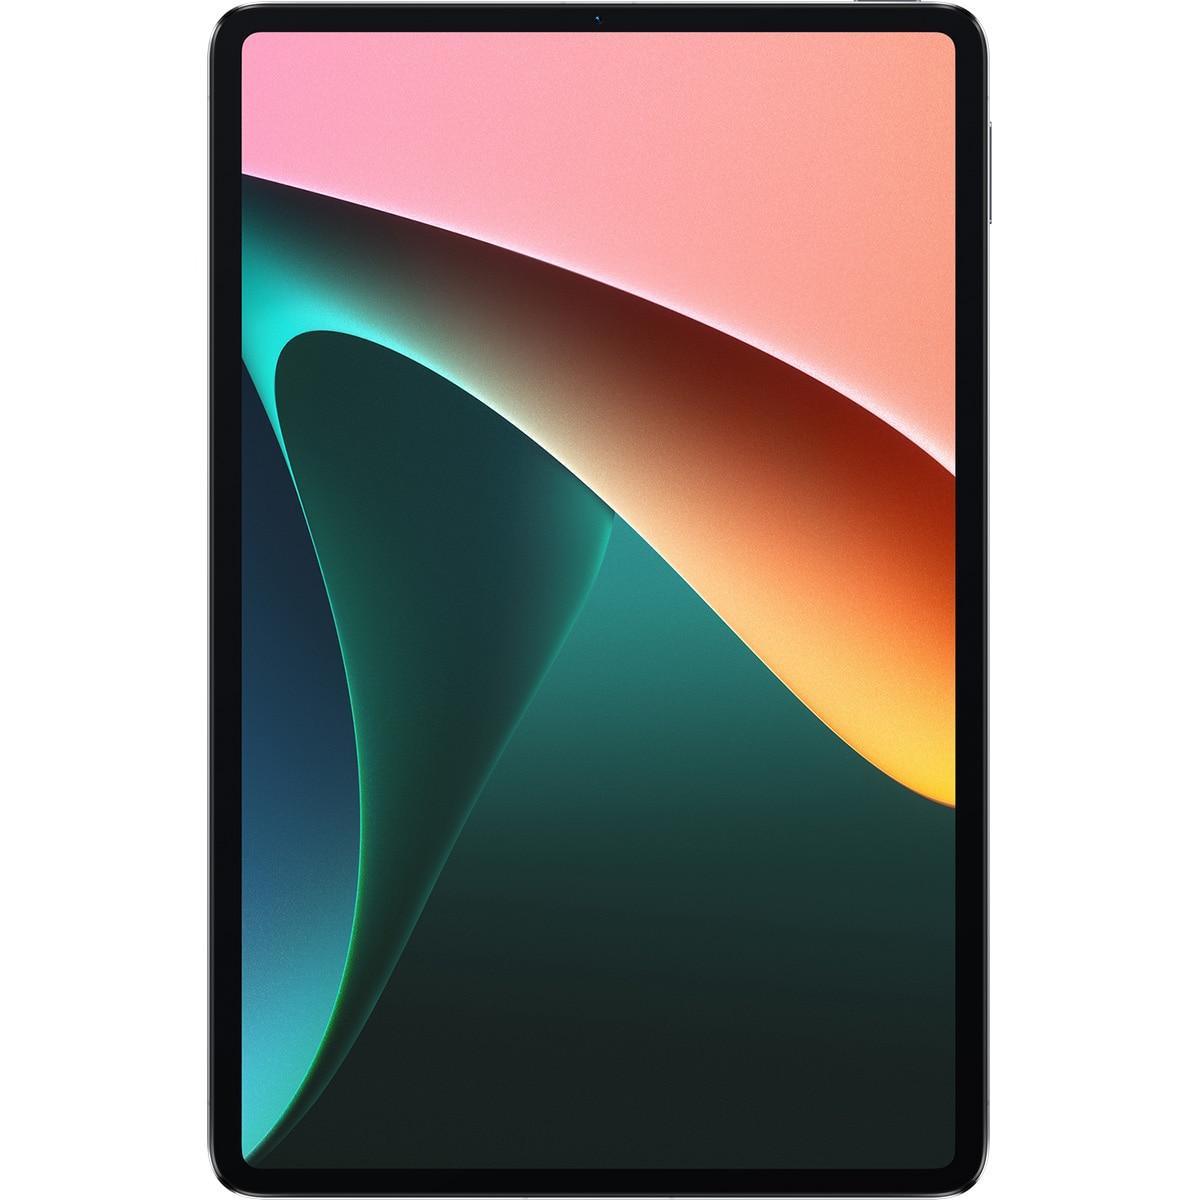 Xiaomi Pad 5 Cosmic Gray コズミックグレー 128GB [タブレット] Pad5/GR/128GB